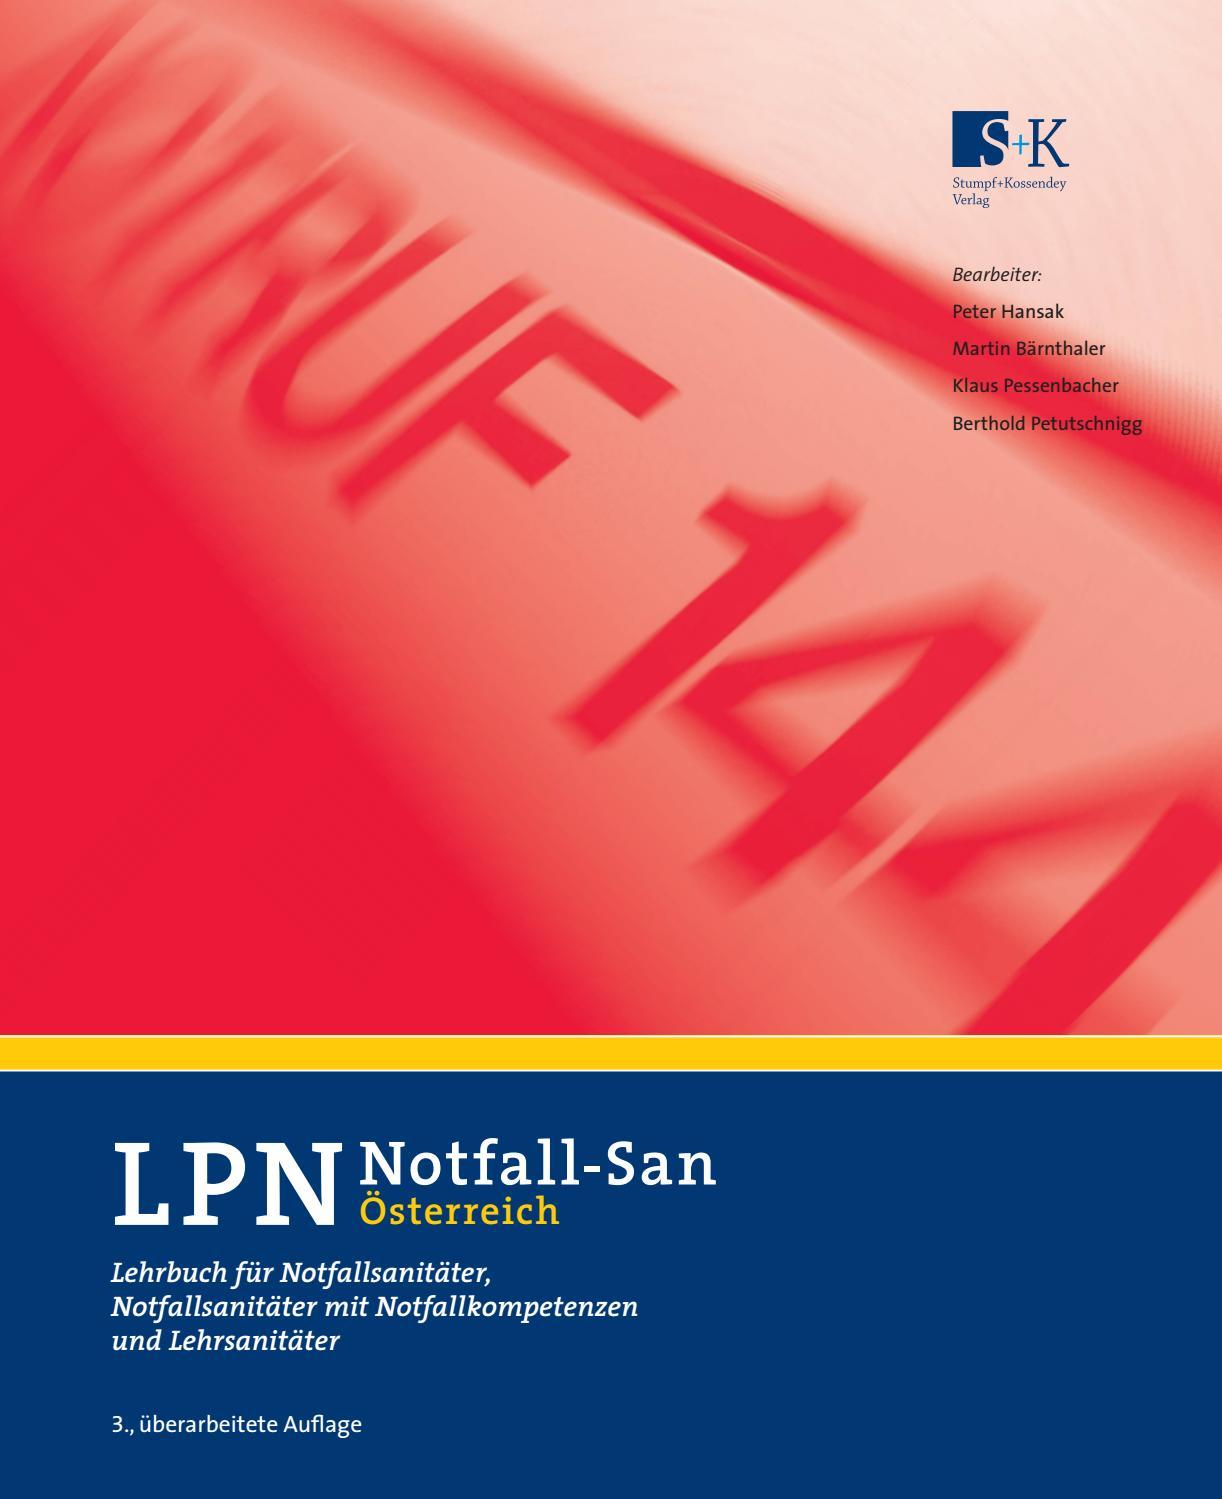 LPN-Notfall-San Österreich by Verlag Stumpf & Kossendey - issuu